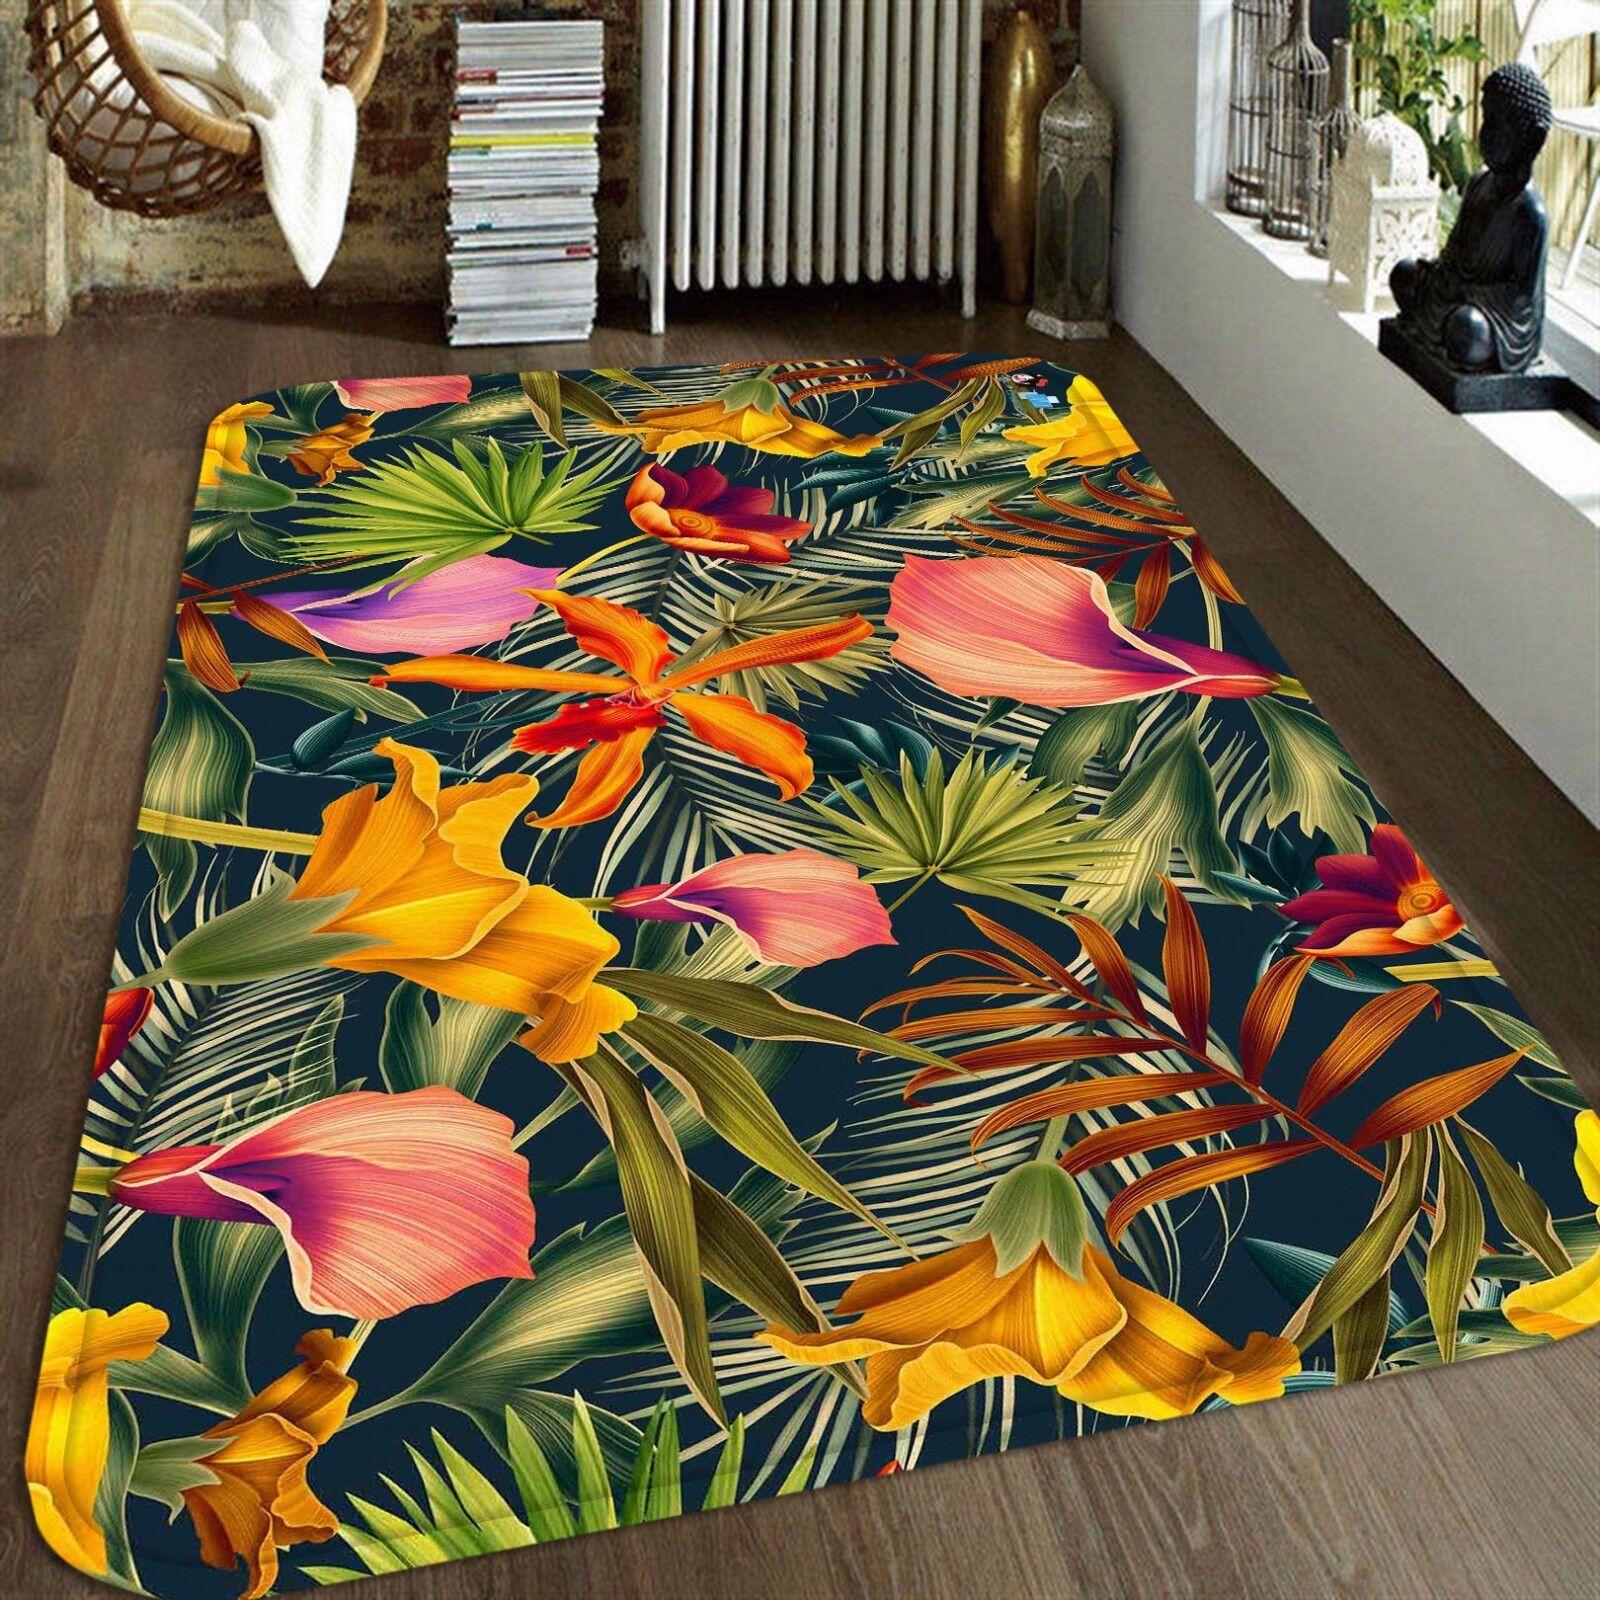 3D fower avevamo il fiatone 44 tappetino antiscivolo tappeto camera Tappetino Qualità Elegante foto Tappeto UK